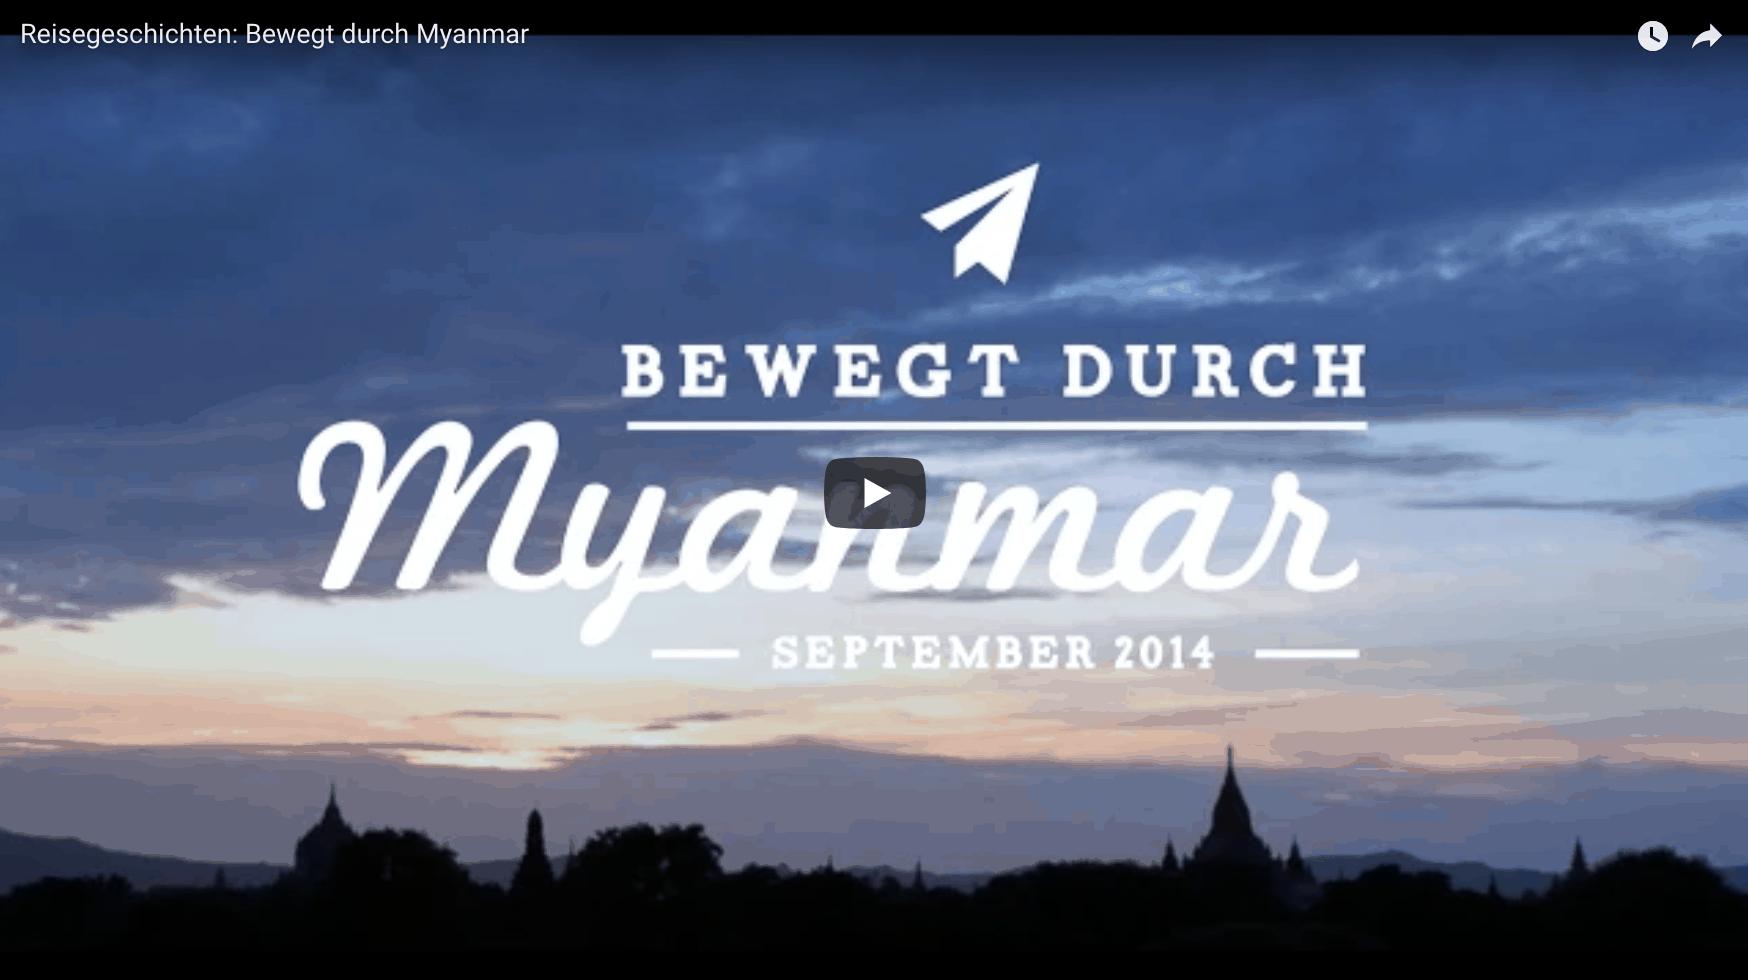 Reisegeschichten: Bewegt durch Myanmar (Video)